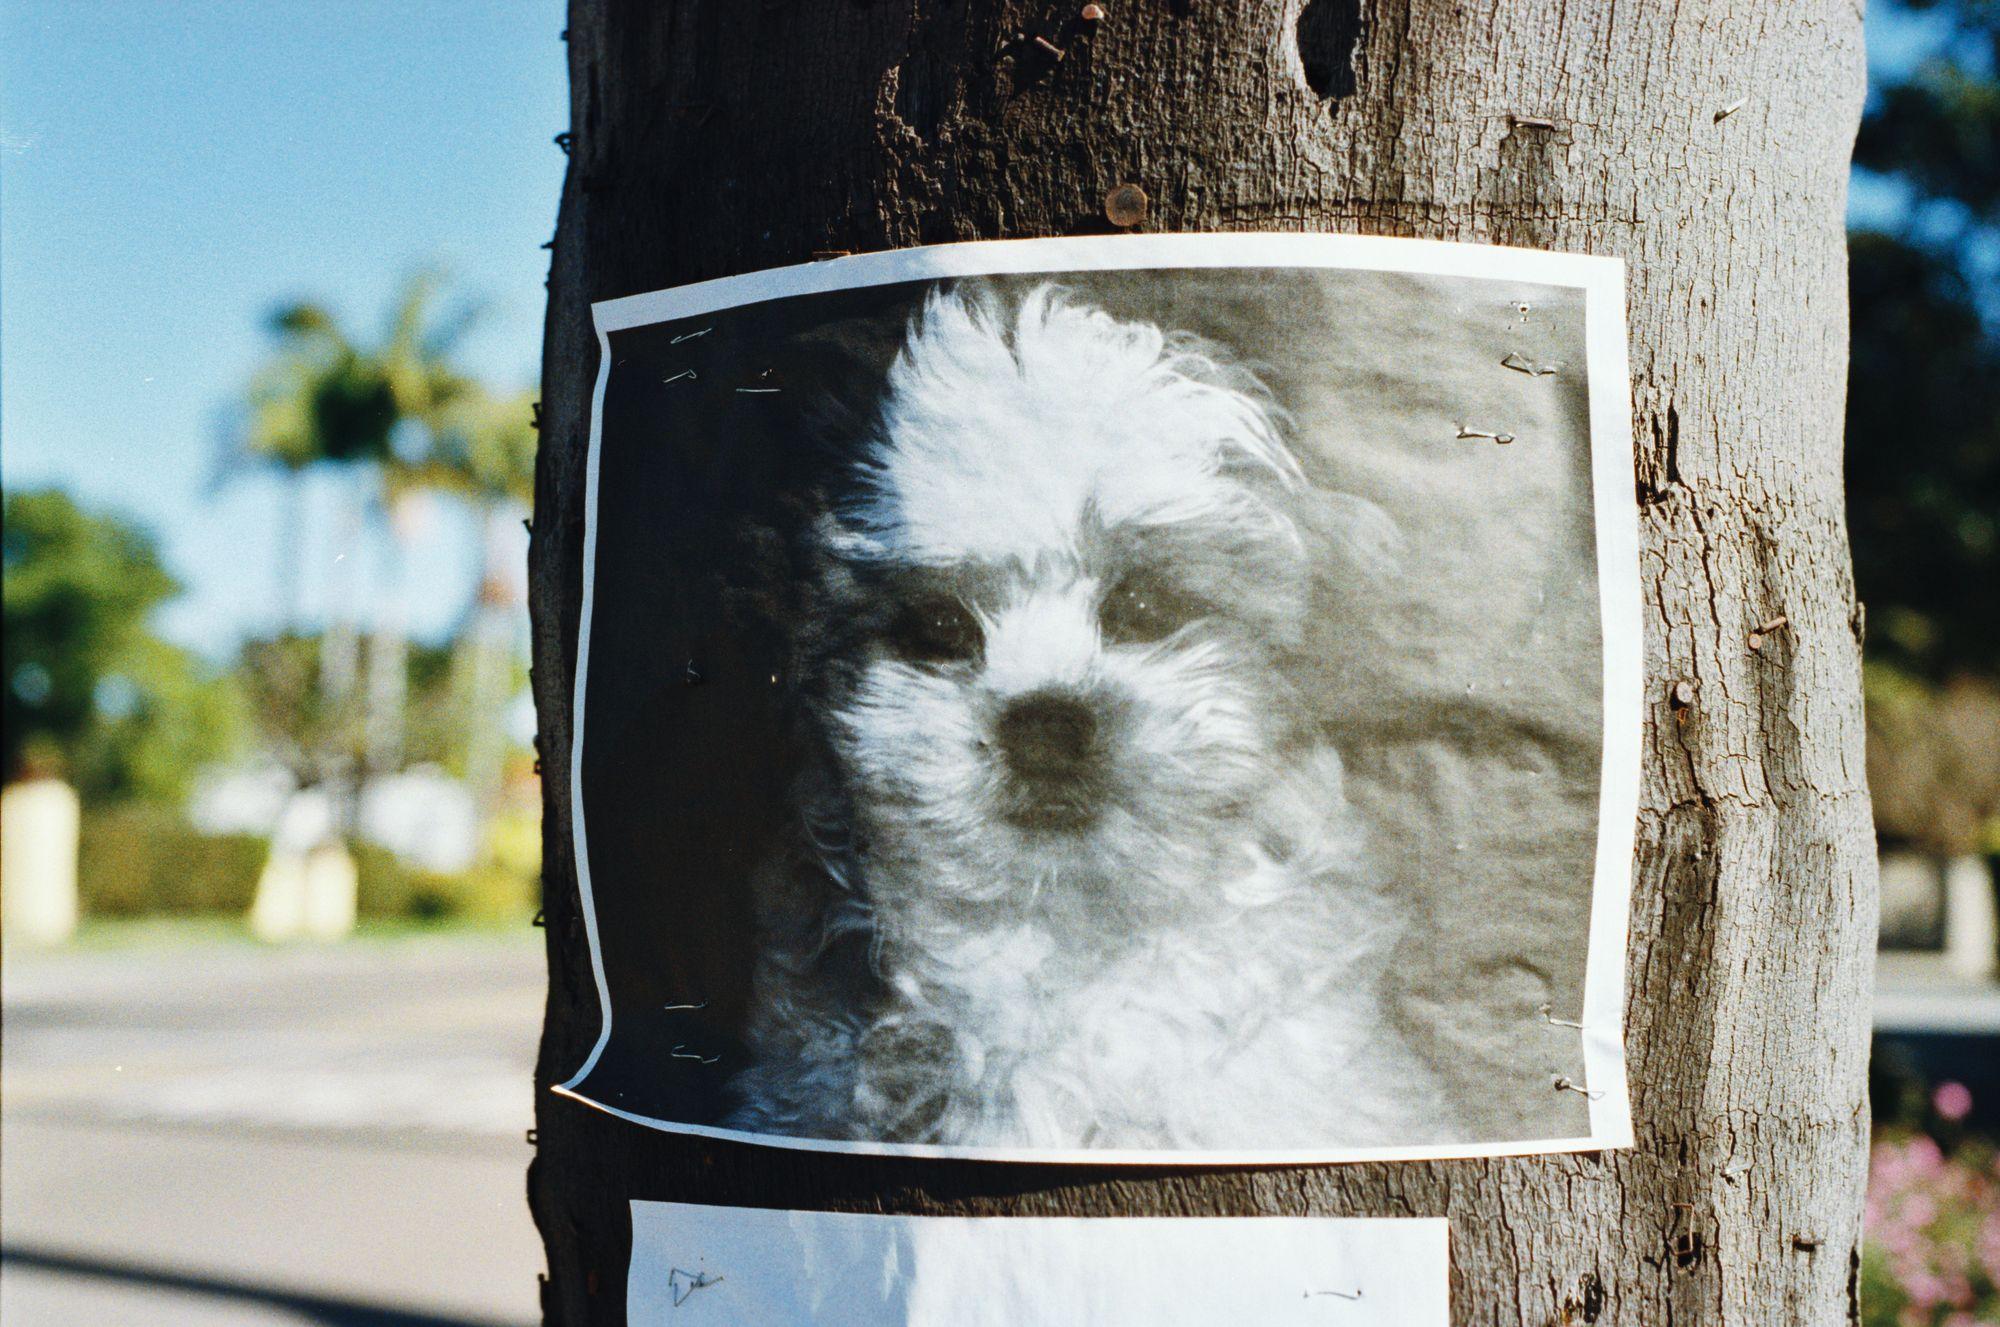 lost-dog-poster-unsplash-poster